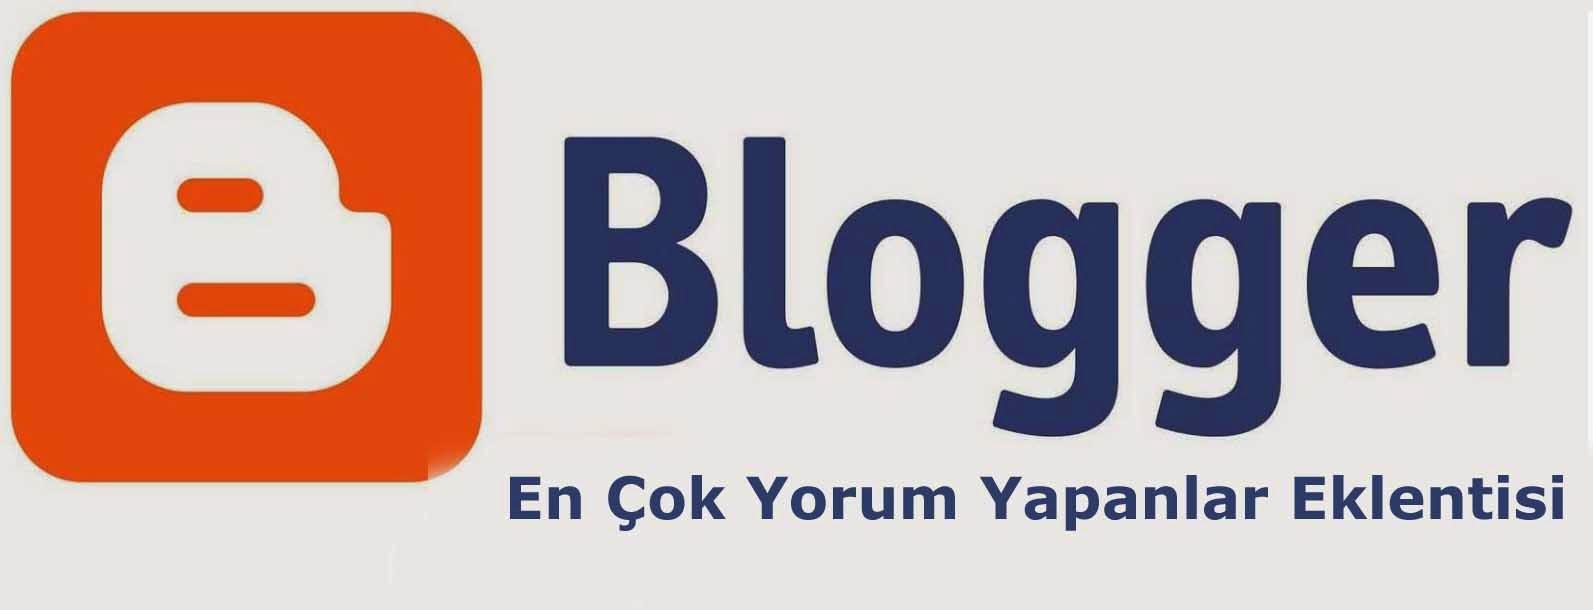 Blogger En çok Yorum Yapanlar Eklentisi